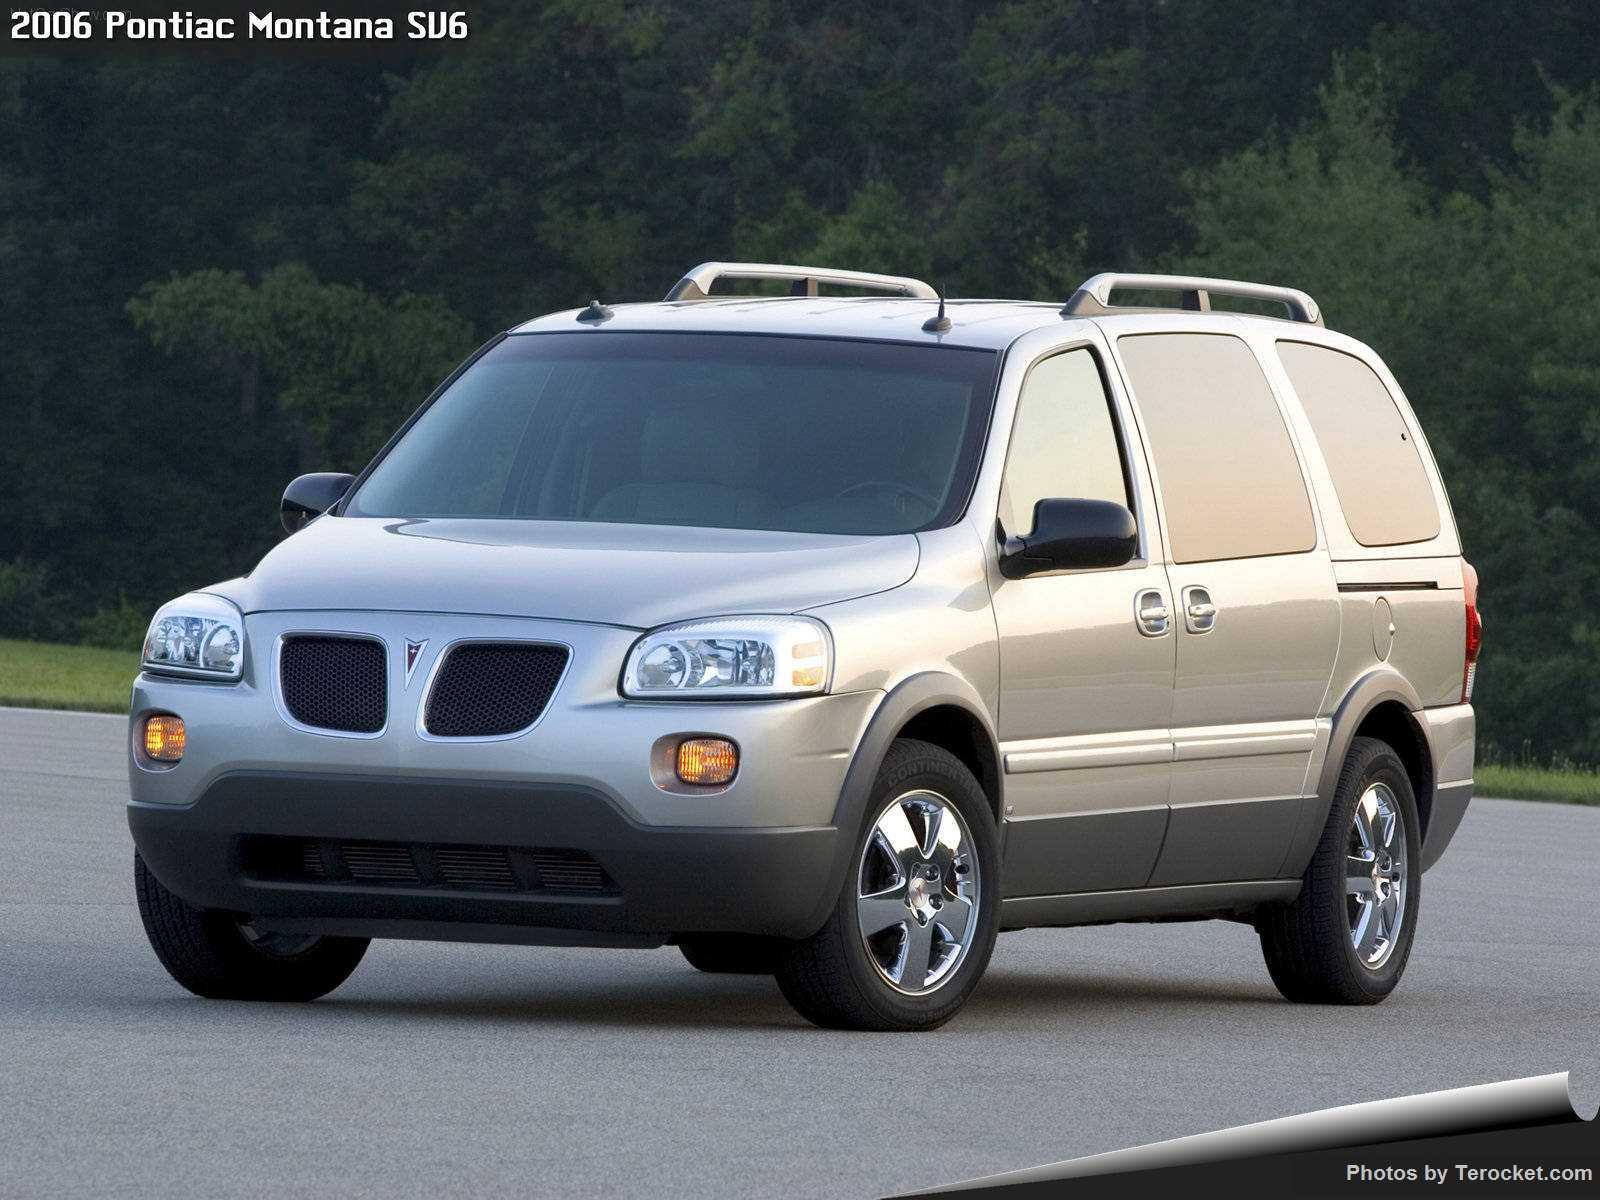 Hình ảnh xe ô tô Pontiac Montana SV6 2006 & nội ngoại thất